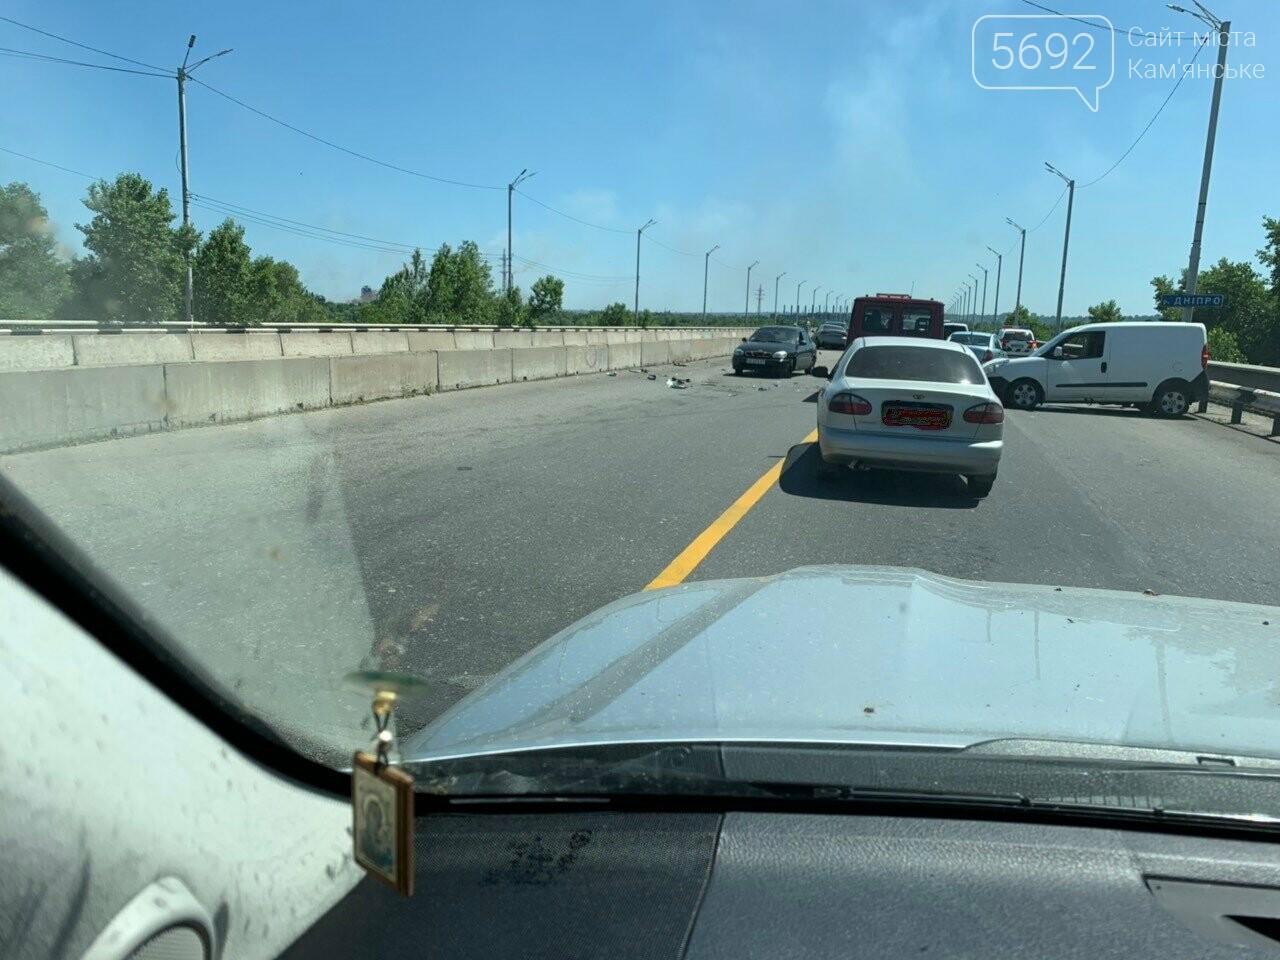 В Каменском на мосту произошло лобовое столкновение двух авто: есть пострадавшие , фото-4